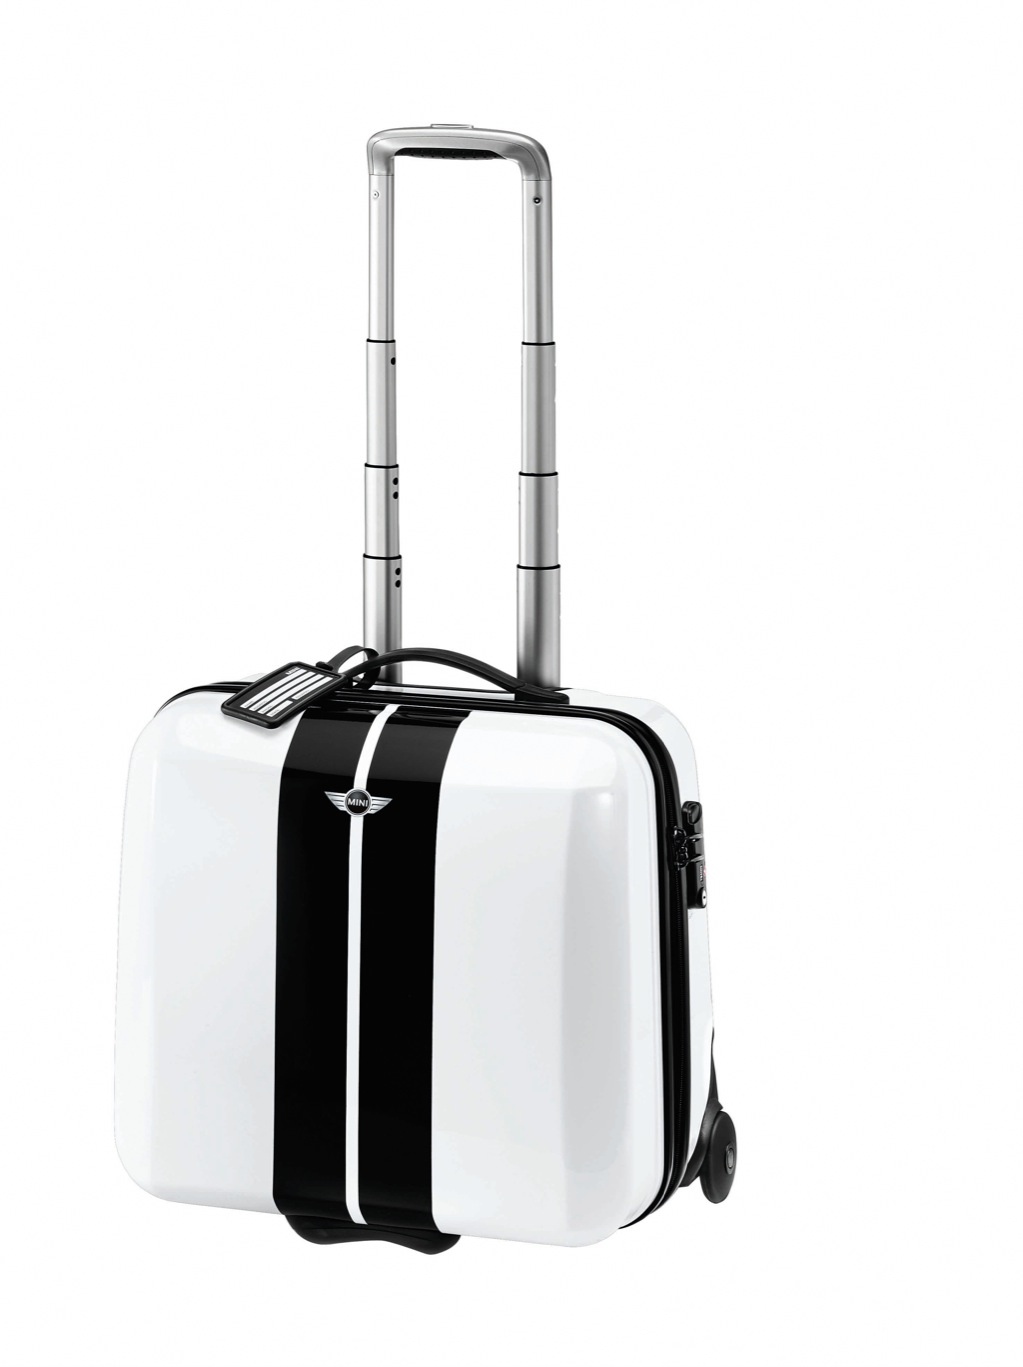 Mini Cooper Usa >> MINI Countryman Luggage Collection Launched - autoevolution